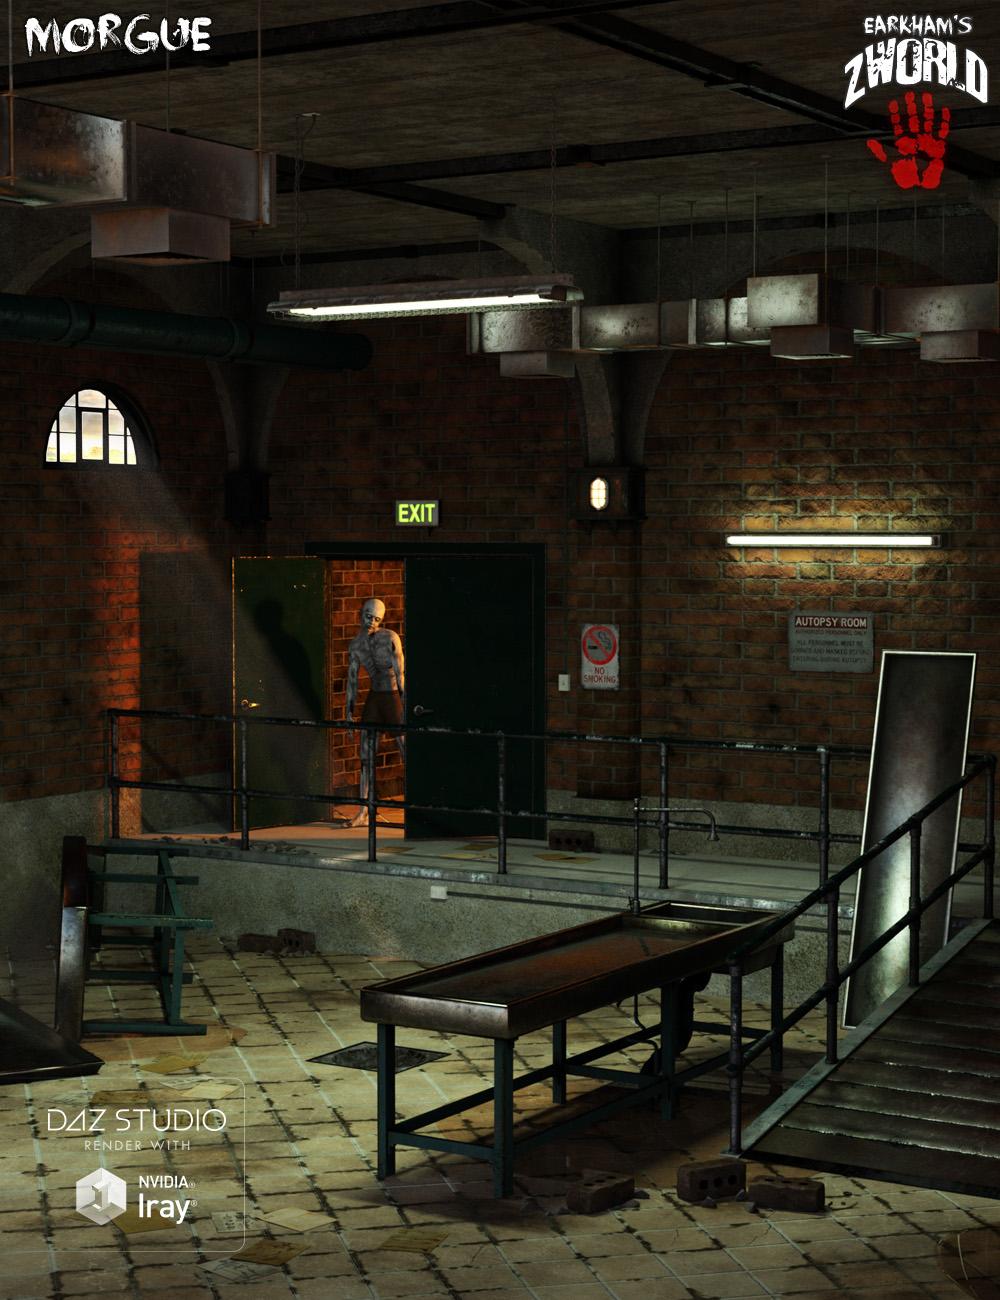 EArkham's ZWorld Morgue by: E-Arkham, 3D Models by Daz 3D